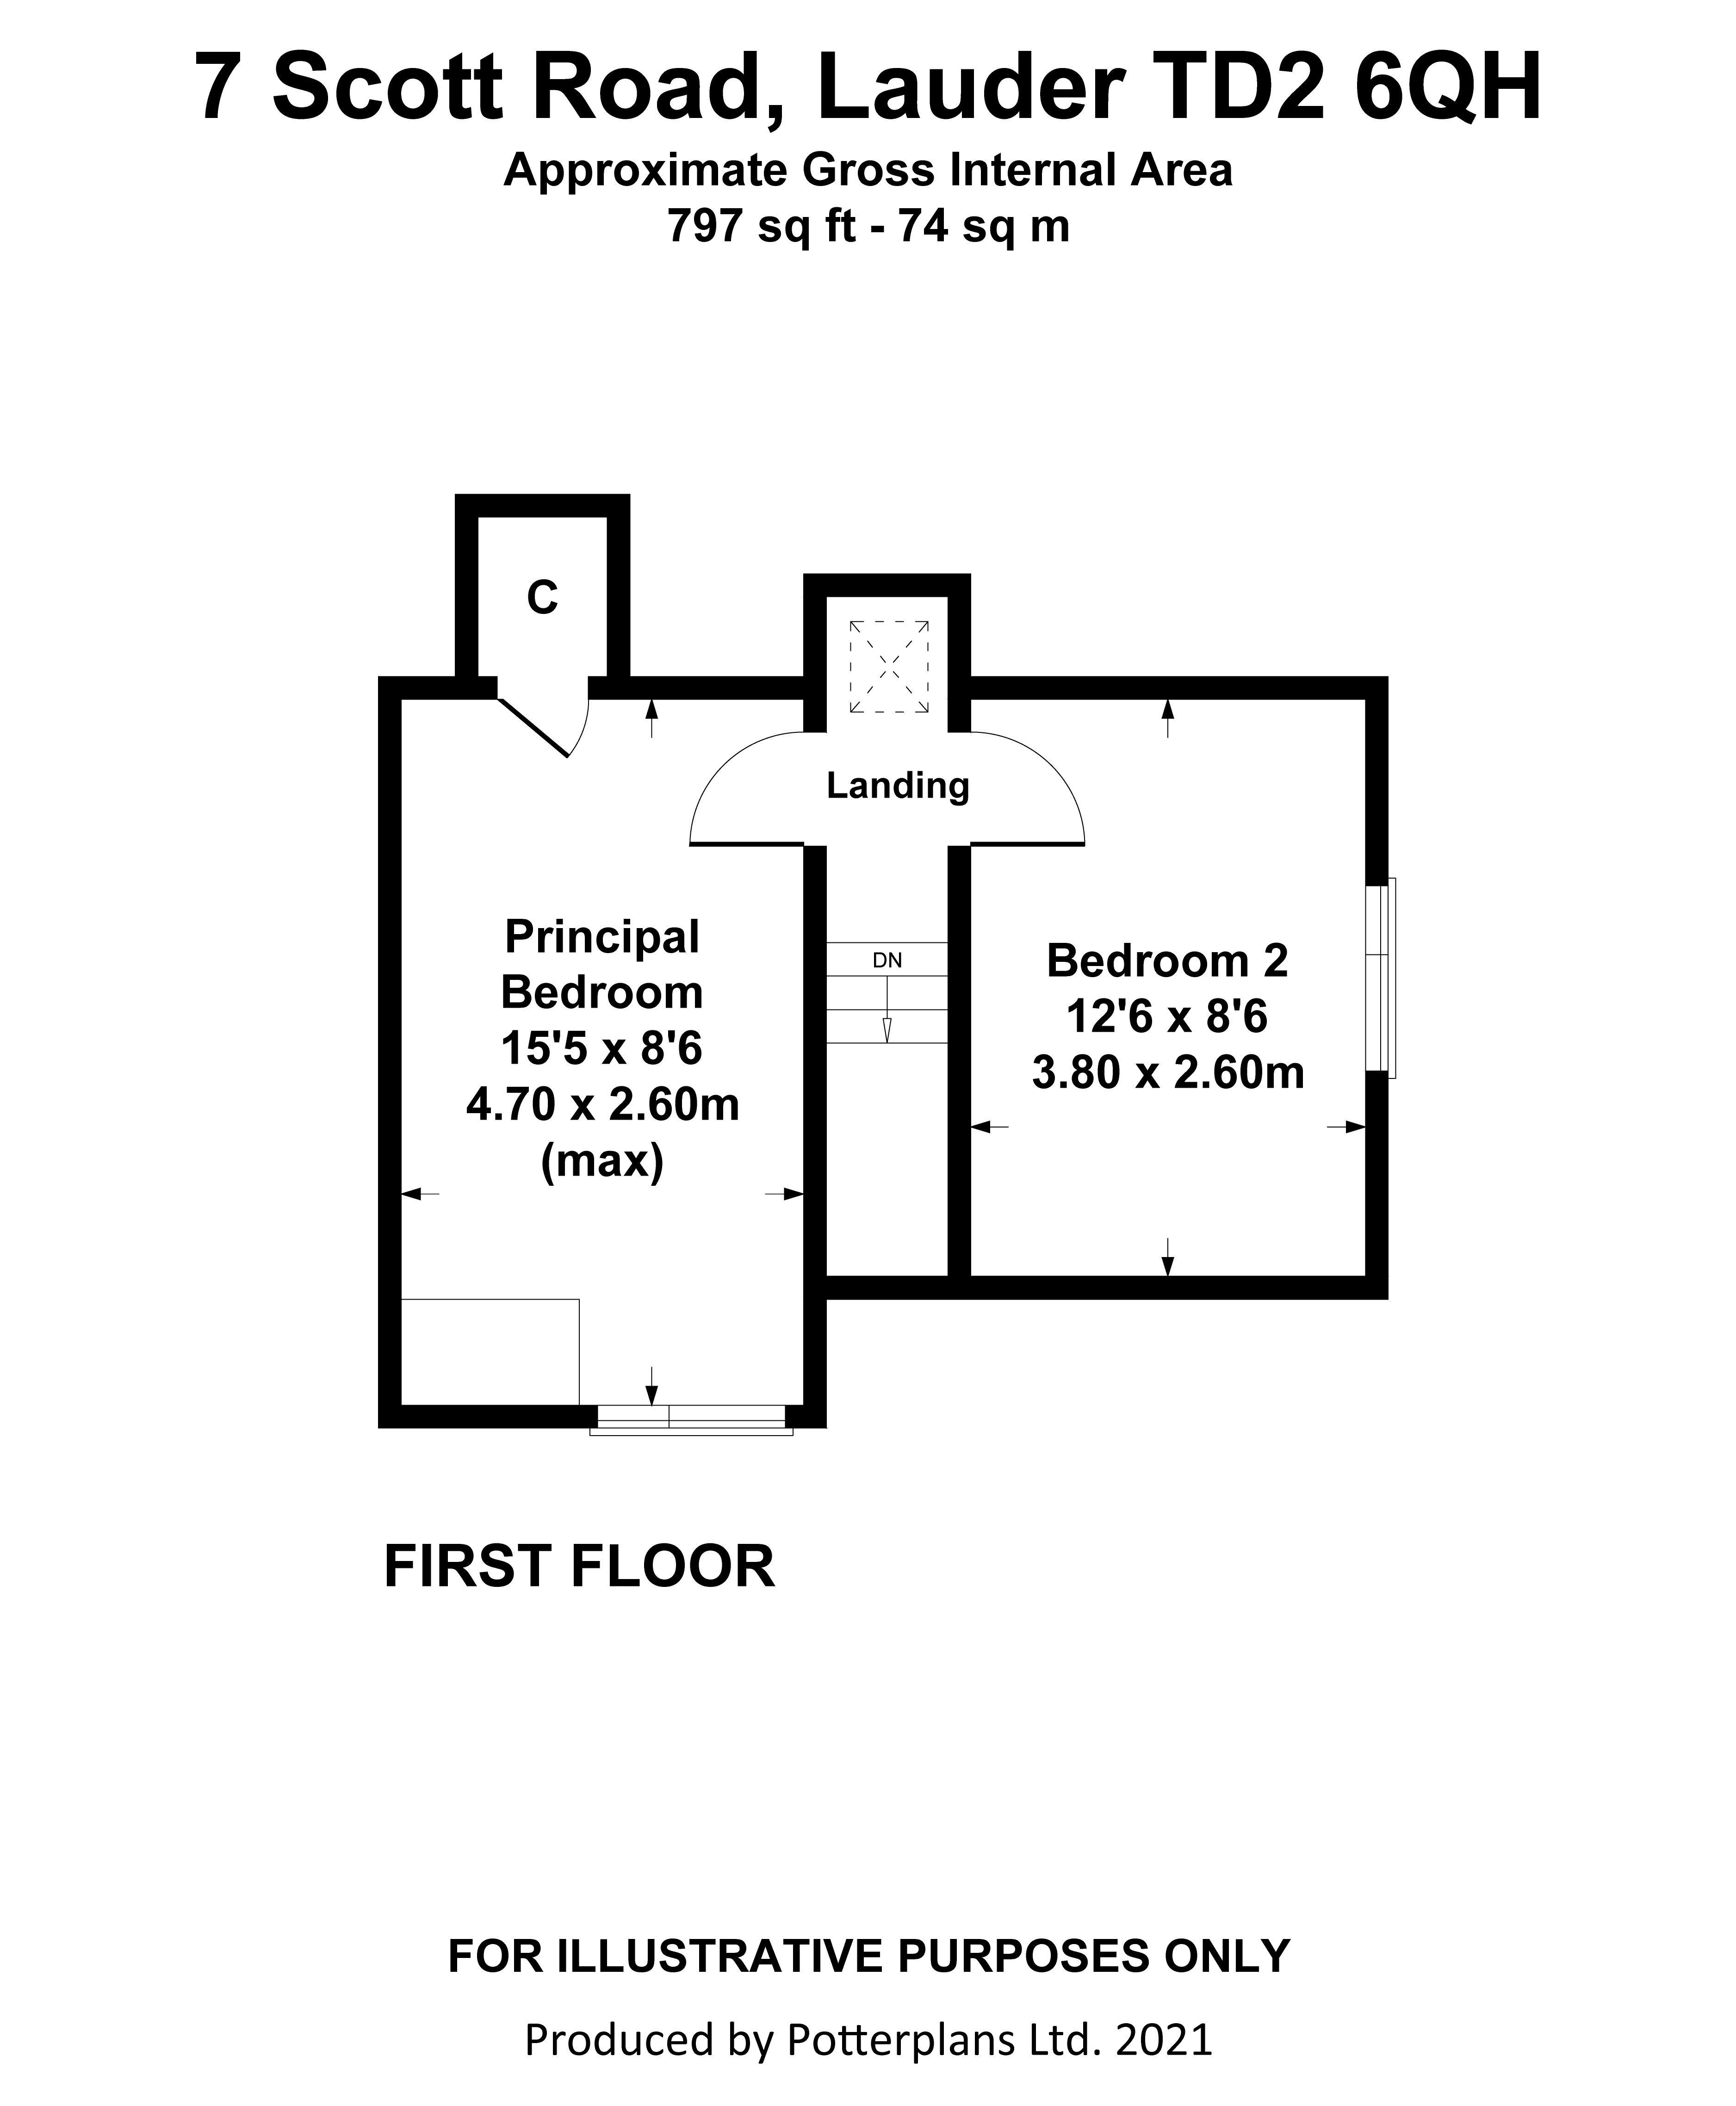 7 Scott Road First Floor